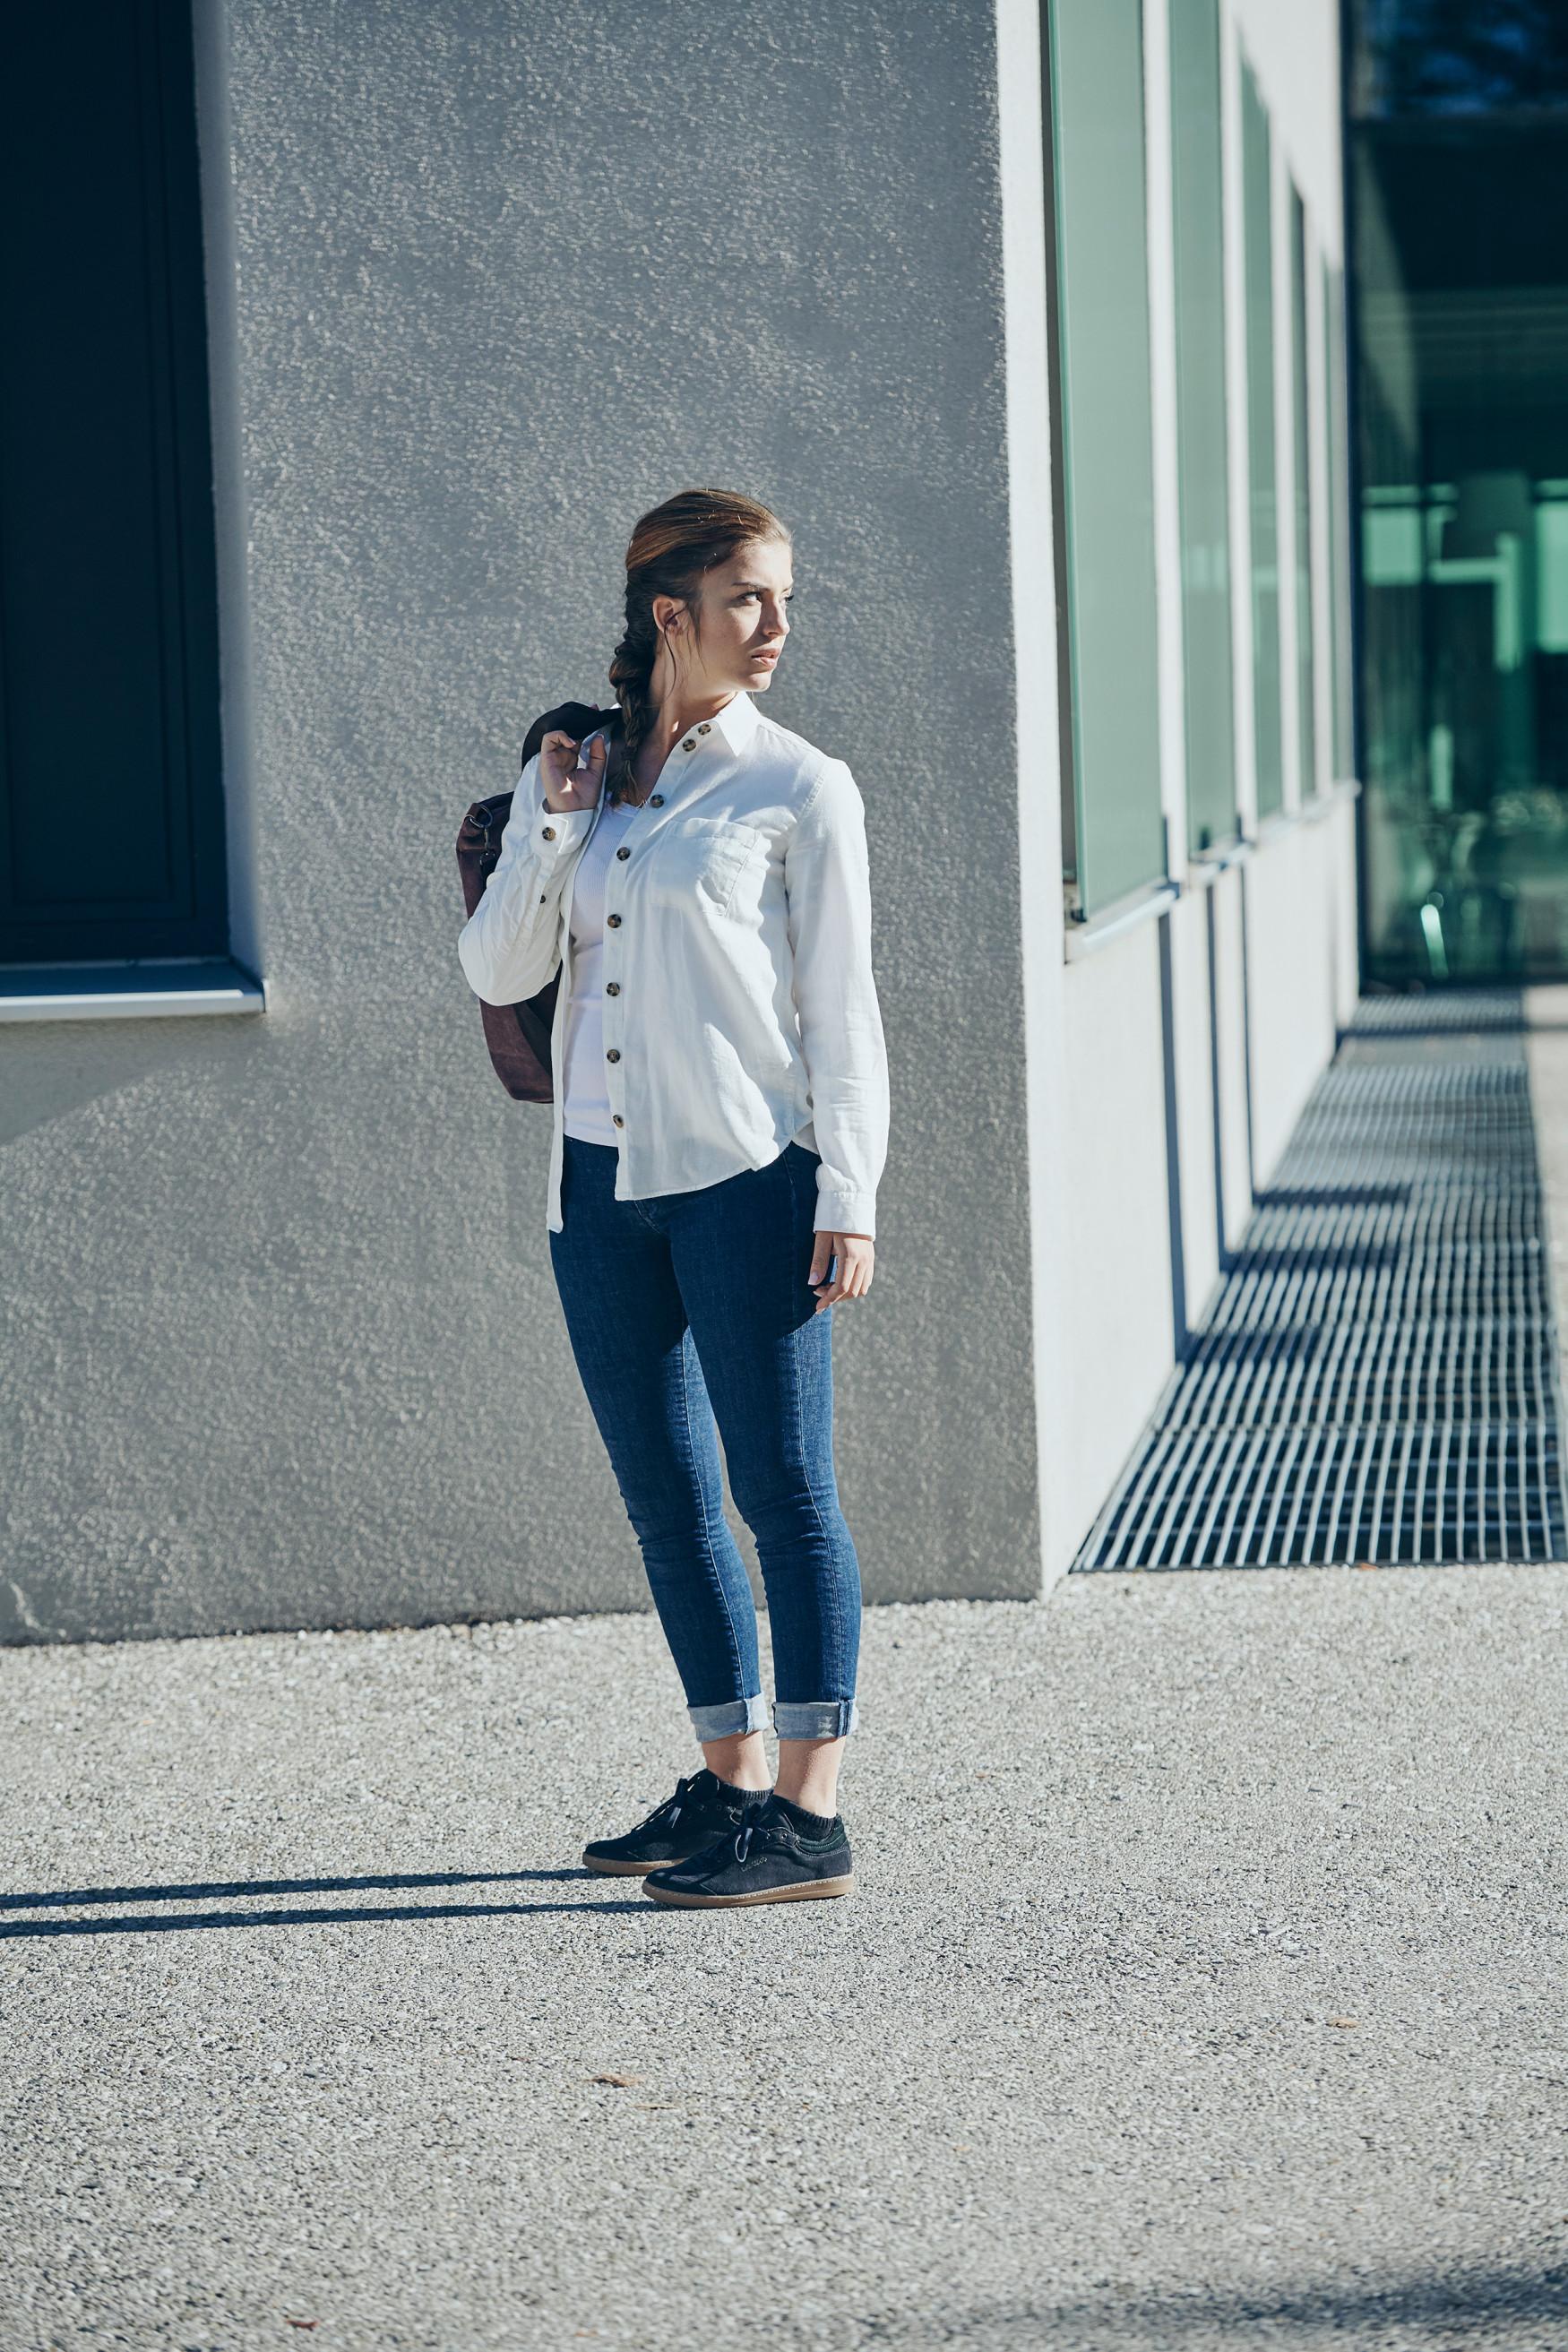 Op reis, in het dagelijks leven of op het werk: de vlotte vrijetijdssneakers ANCONA Ws baren overal opzien. Hun onmiskenbare oldschool design kan naadloos worden gecombineerd met uiteenlopende stijlen en modeaccessoires. En omdat uiterlijk alleen niet genoeg is, overtuigen de sneakers ook op functioneel gebied. Ze hebben bijvoorbeeld een dempende tussenzool van LOWA DynaPU®.